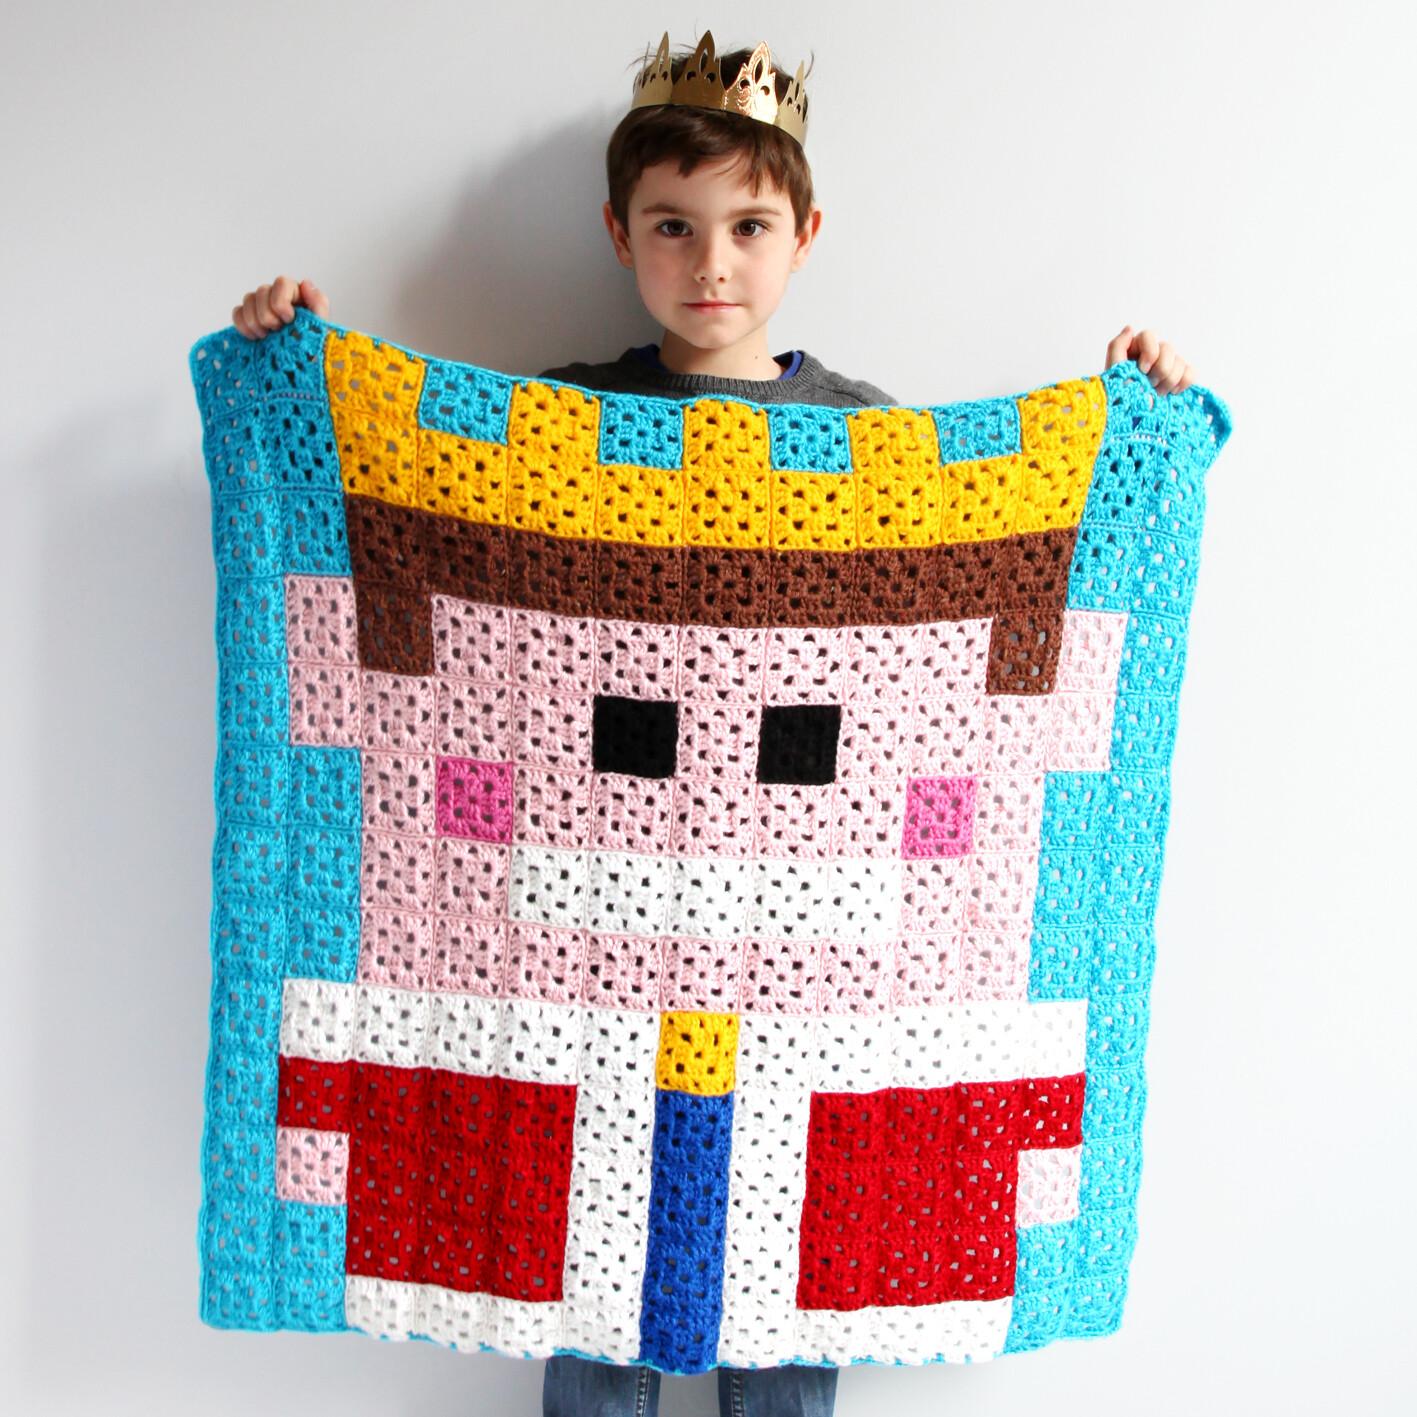 Pixelplaid King